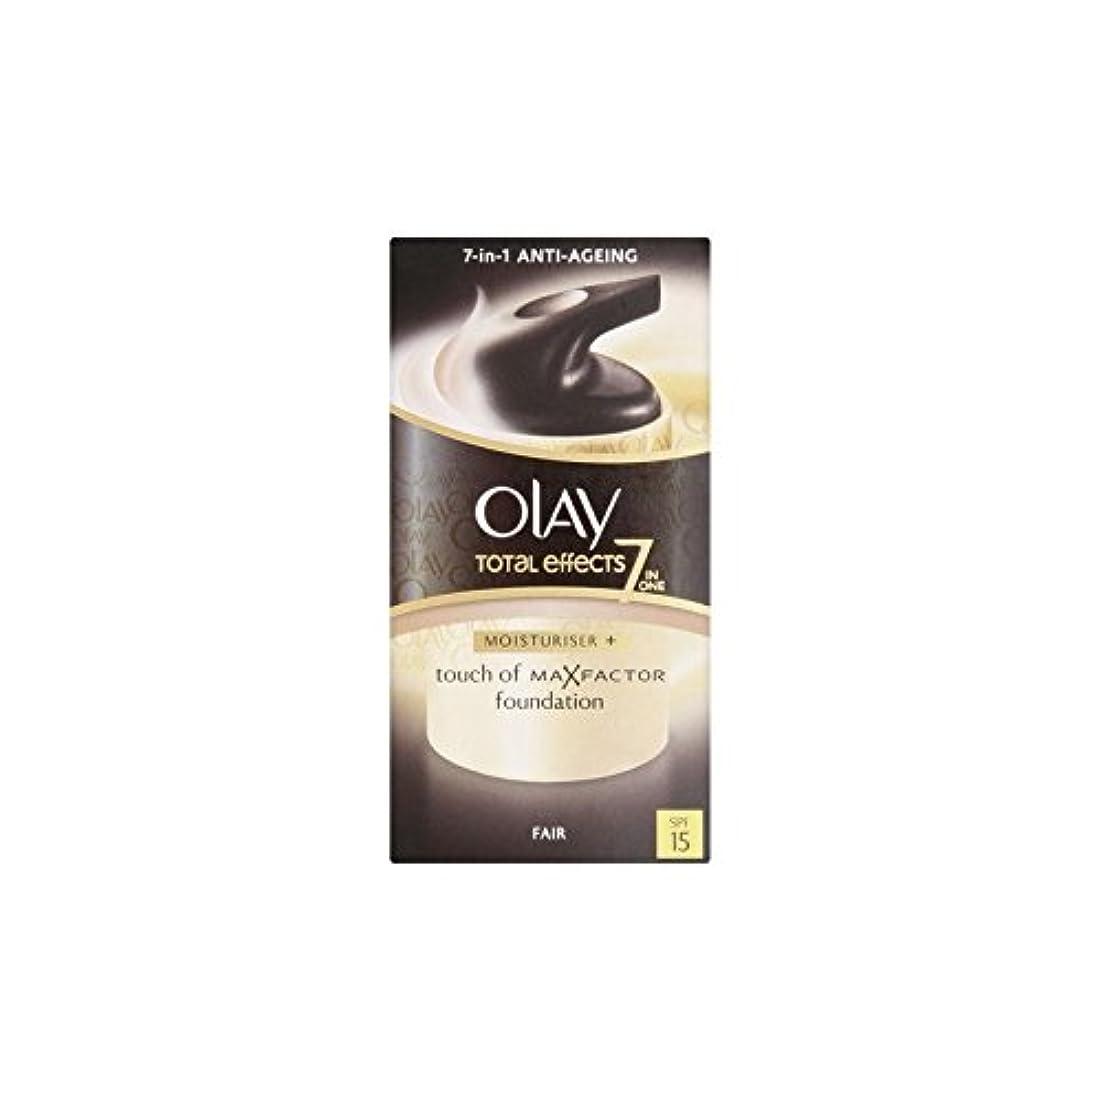 開発する株式会社推進力Olay Total Effects Moisturiser Bb Cream Spf15 - Fair (50ml) - オーレイトータルエフェクト保湿クリーム15 - フェア(50ミリリットル) [並行輸入品]